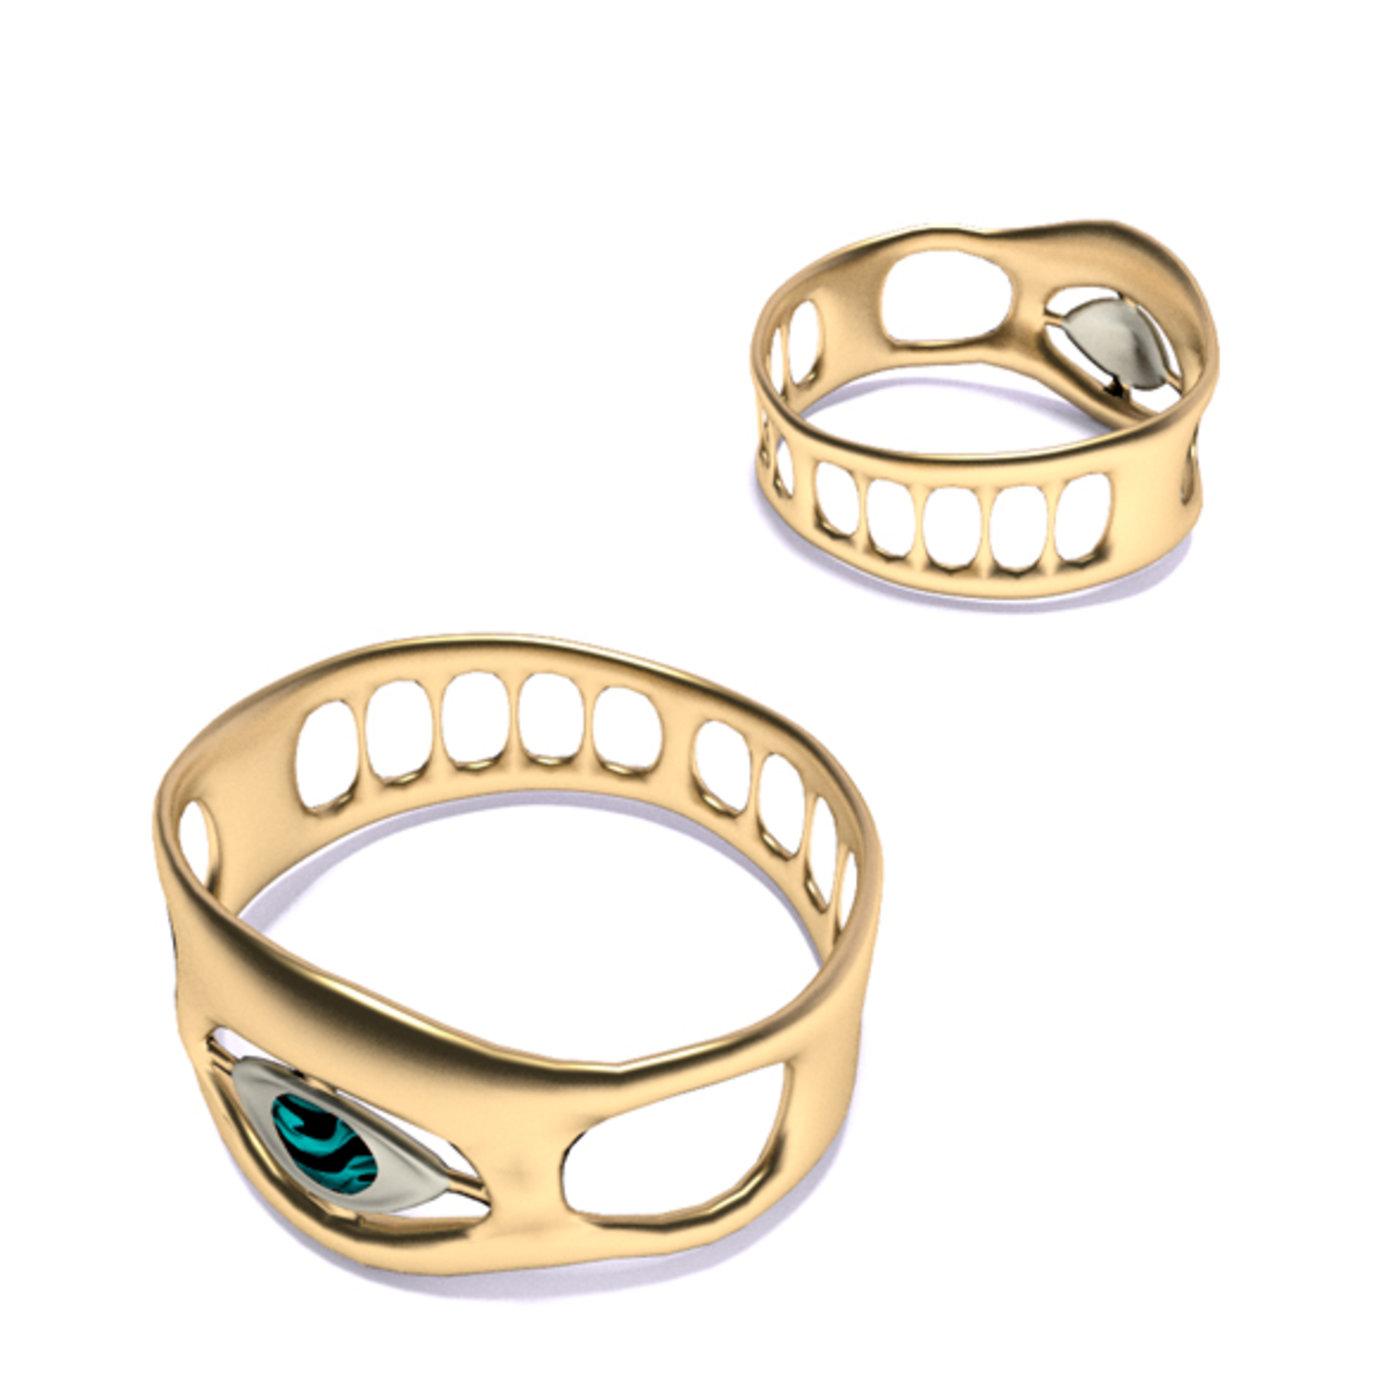 Free Ring all-seeing eye